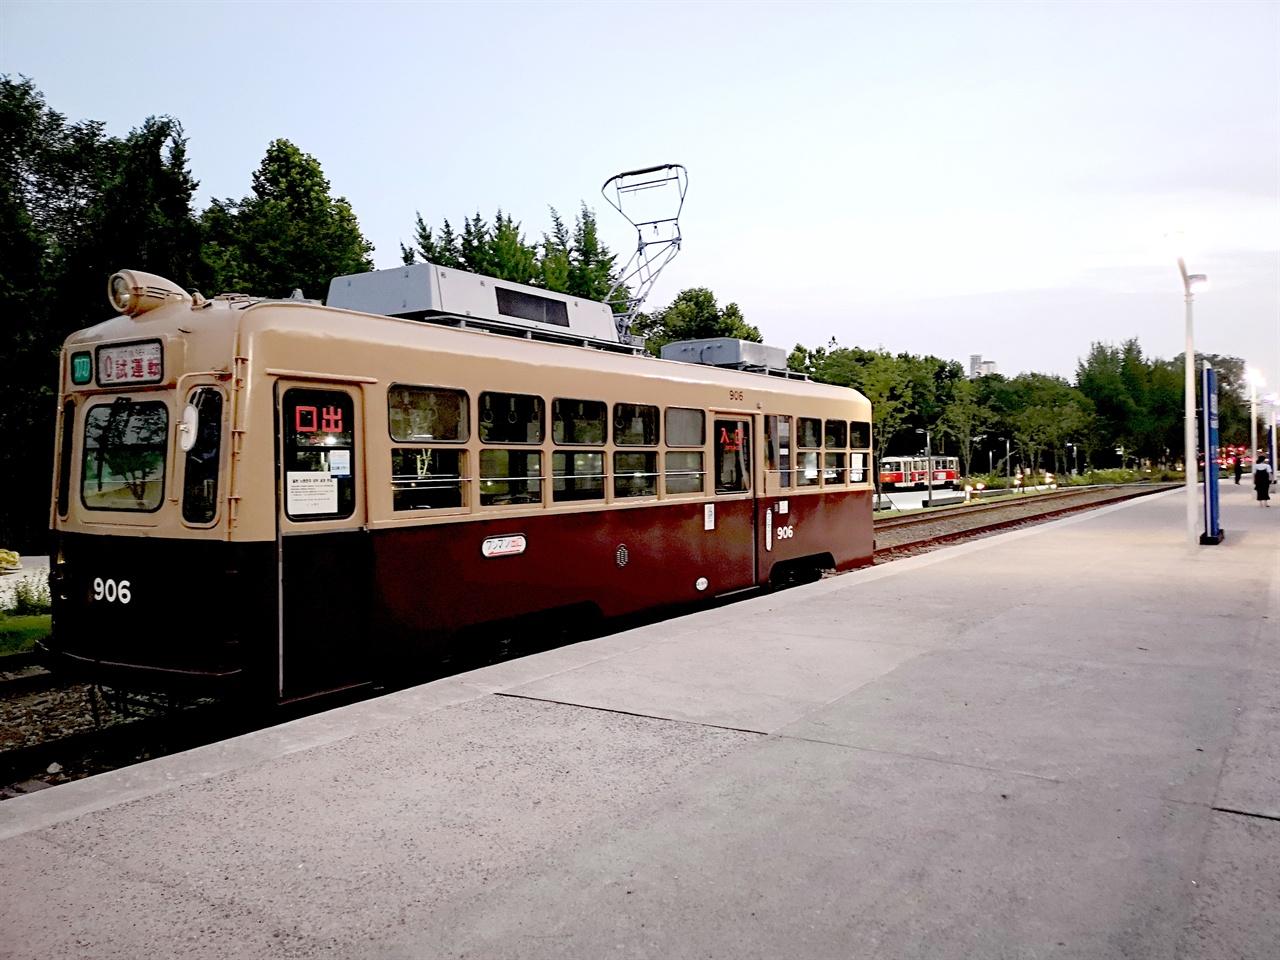 일본의 노면전차 1957년 제작된 일본 노면전차. 1960년대까지 한국에서 운행하였던 전차와 유사한 차종으로 일본 히로시마에서 운행하였던 노면전차이다.